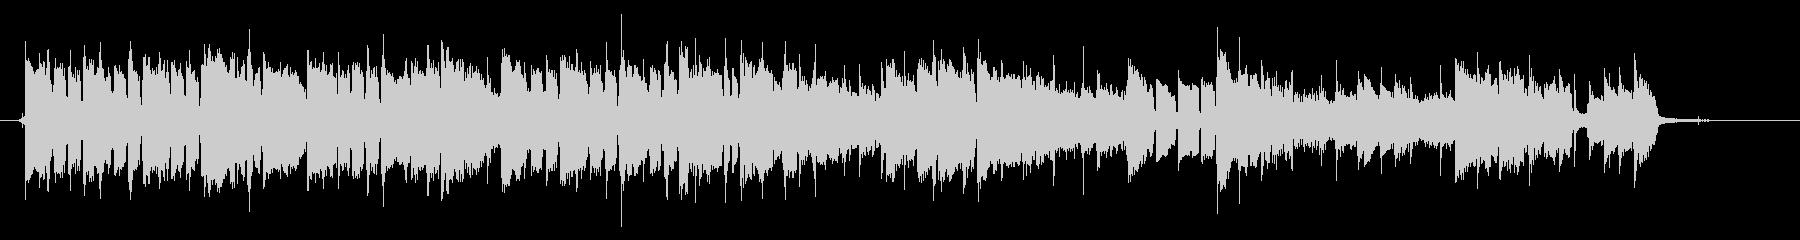 和風で切ないスローバラード、CMサイズの未再生の波形